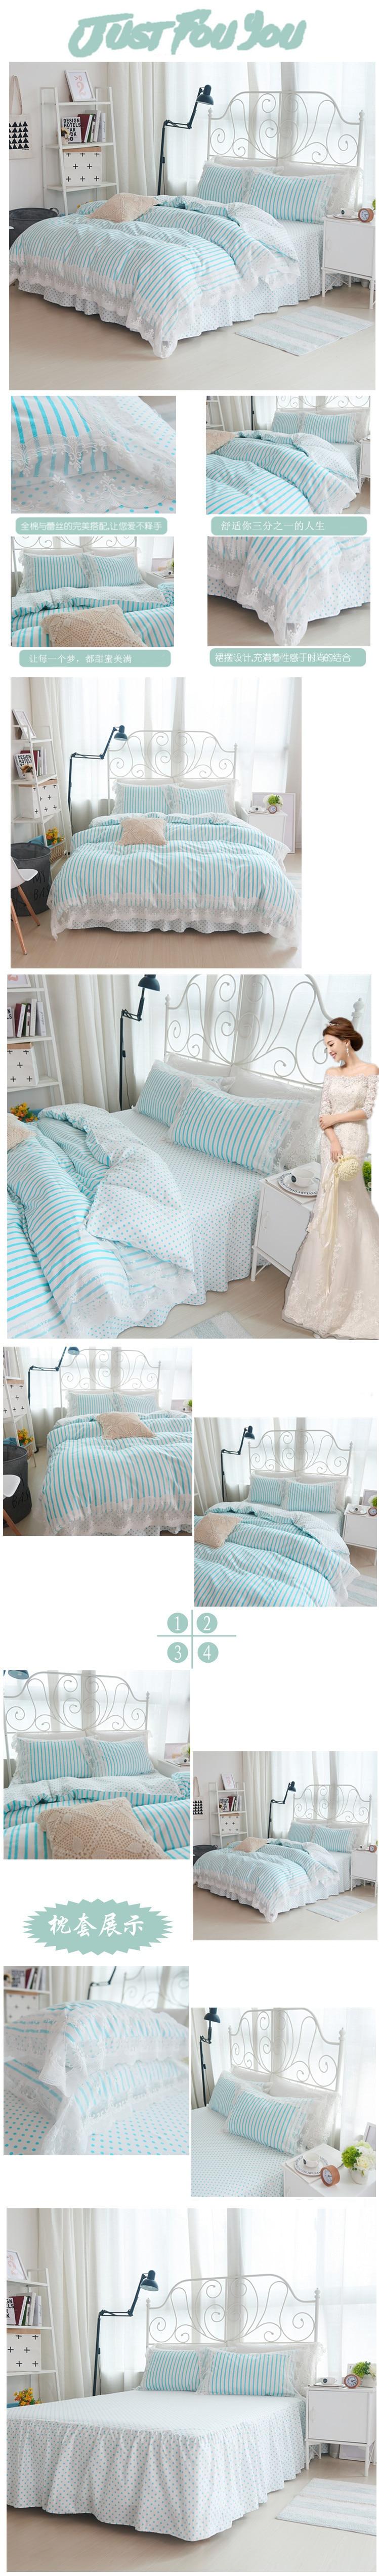 ᗔNueva Corea jardín floral cama juego de cama de algodón princesa